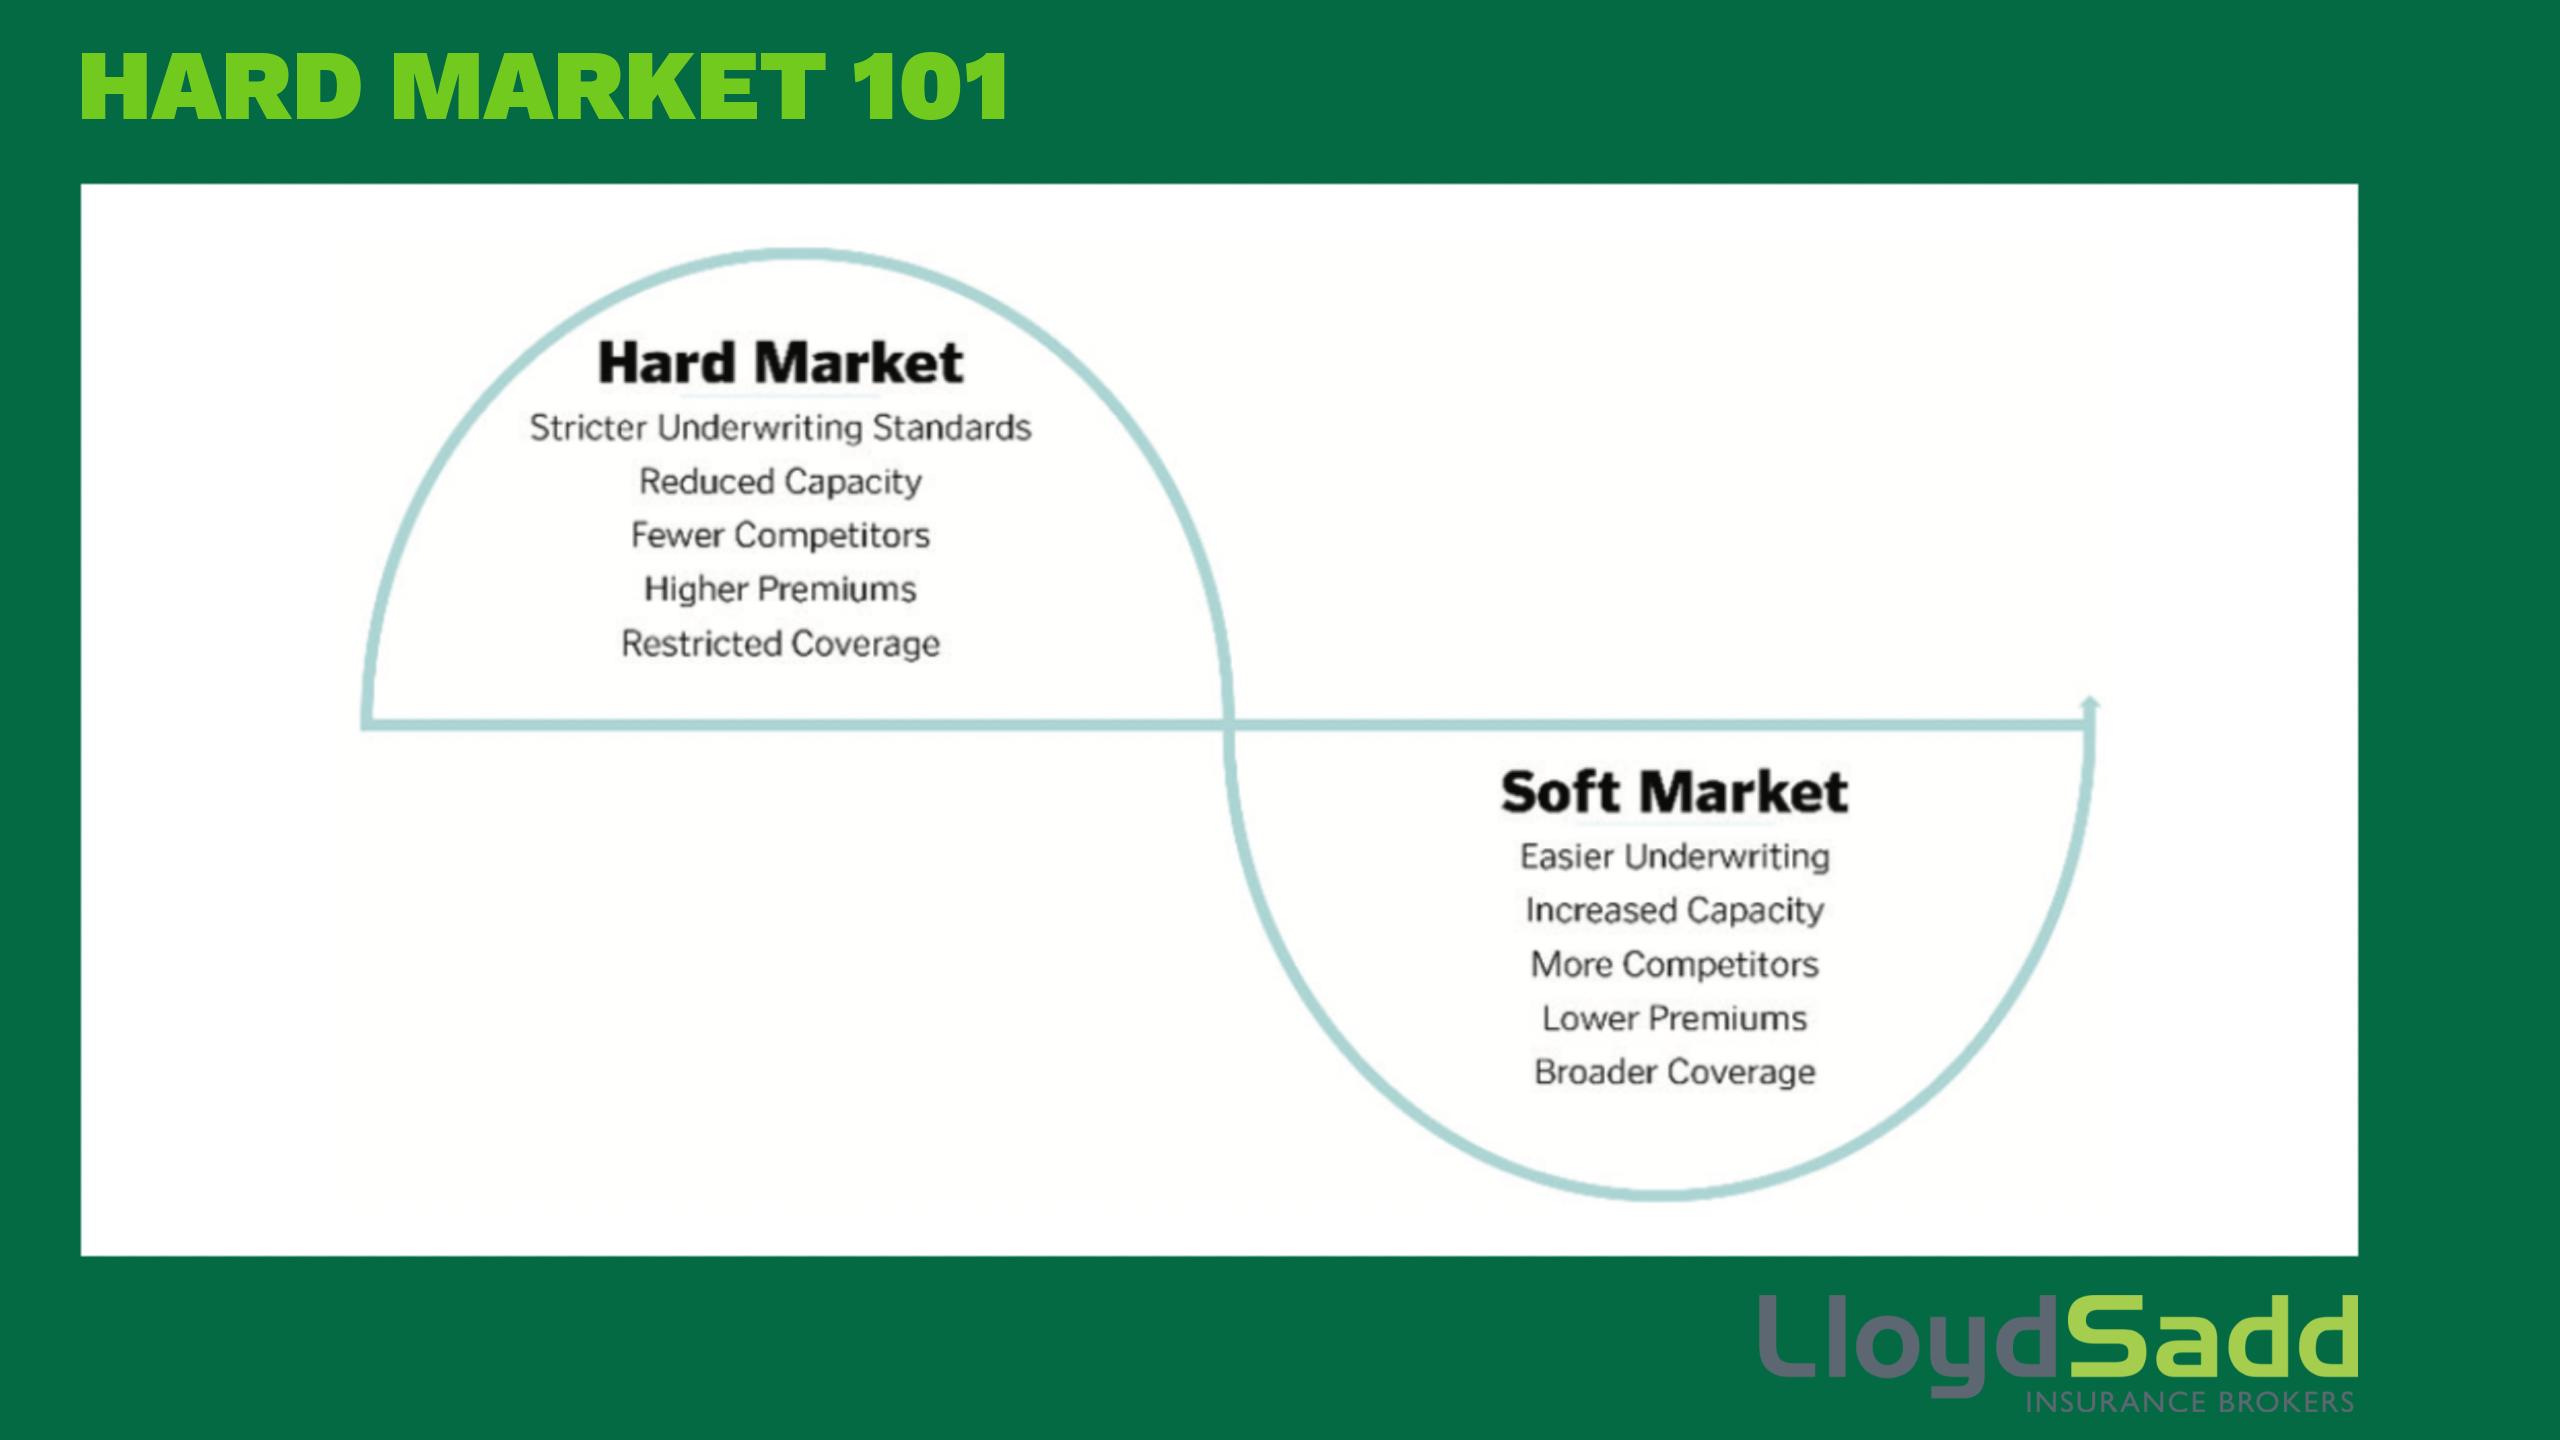 Hard Market 101 - Lloyd Sadd Insurance Brokers Ltd.